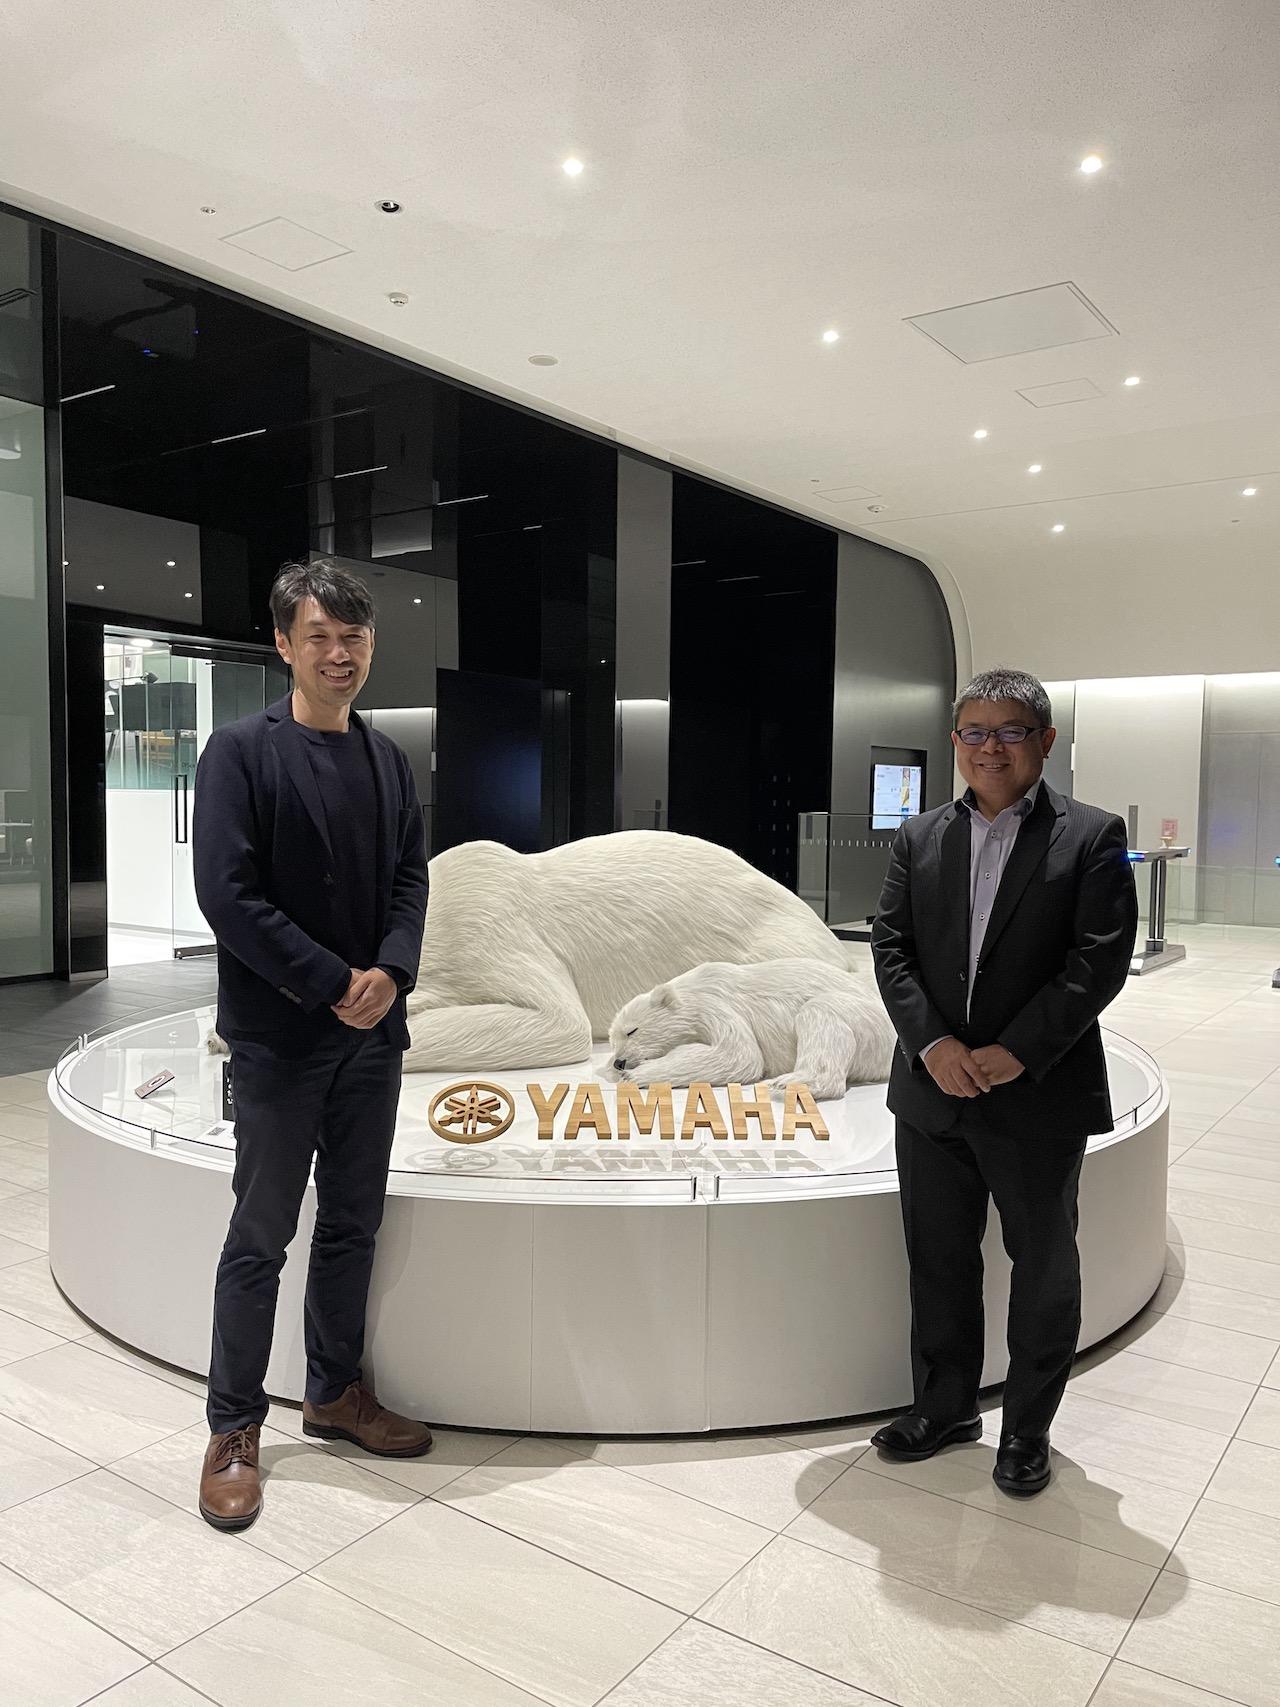 ヤマハ株式会社(浜松市)にて、左から沢渡あまね、平野尚志氏